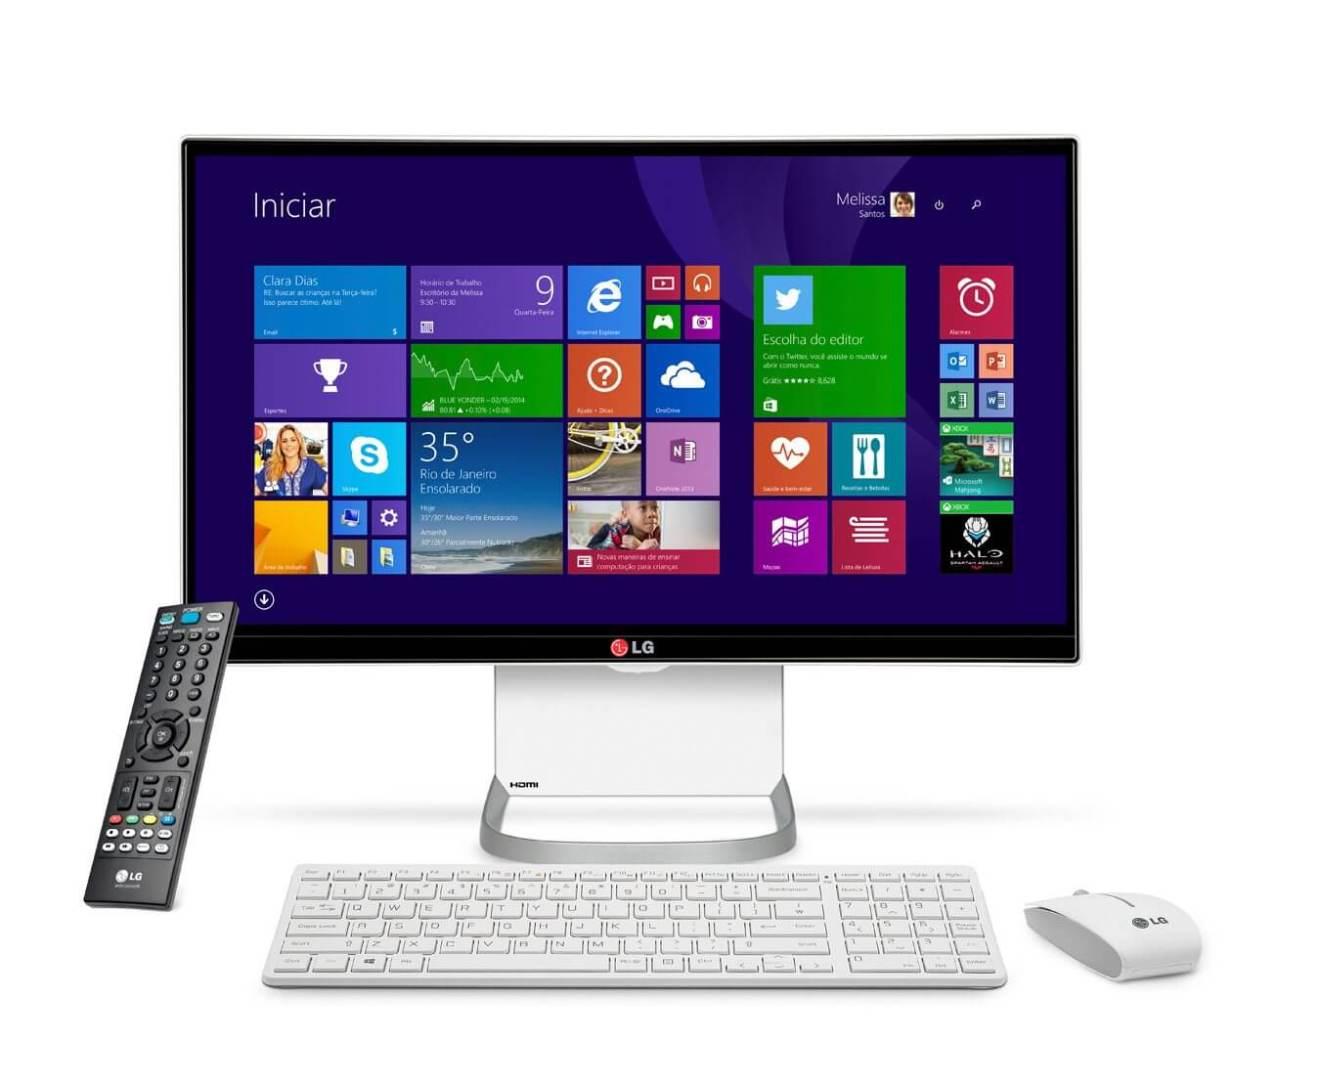 all in one 27v750 lg computador - Dica: boas escolhas da LG para o natal